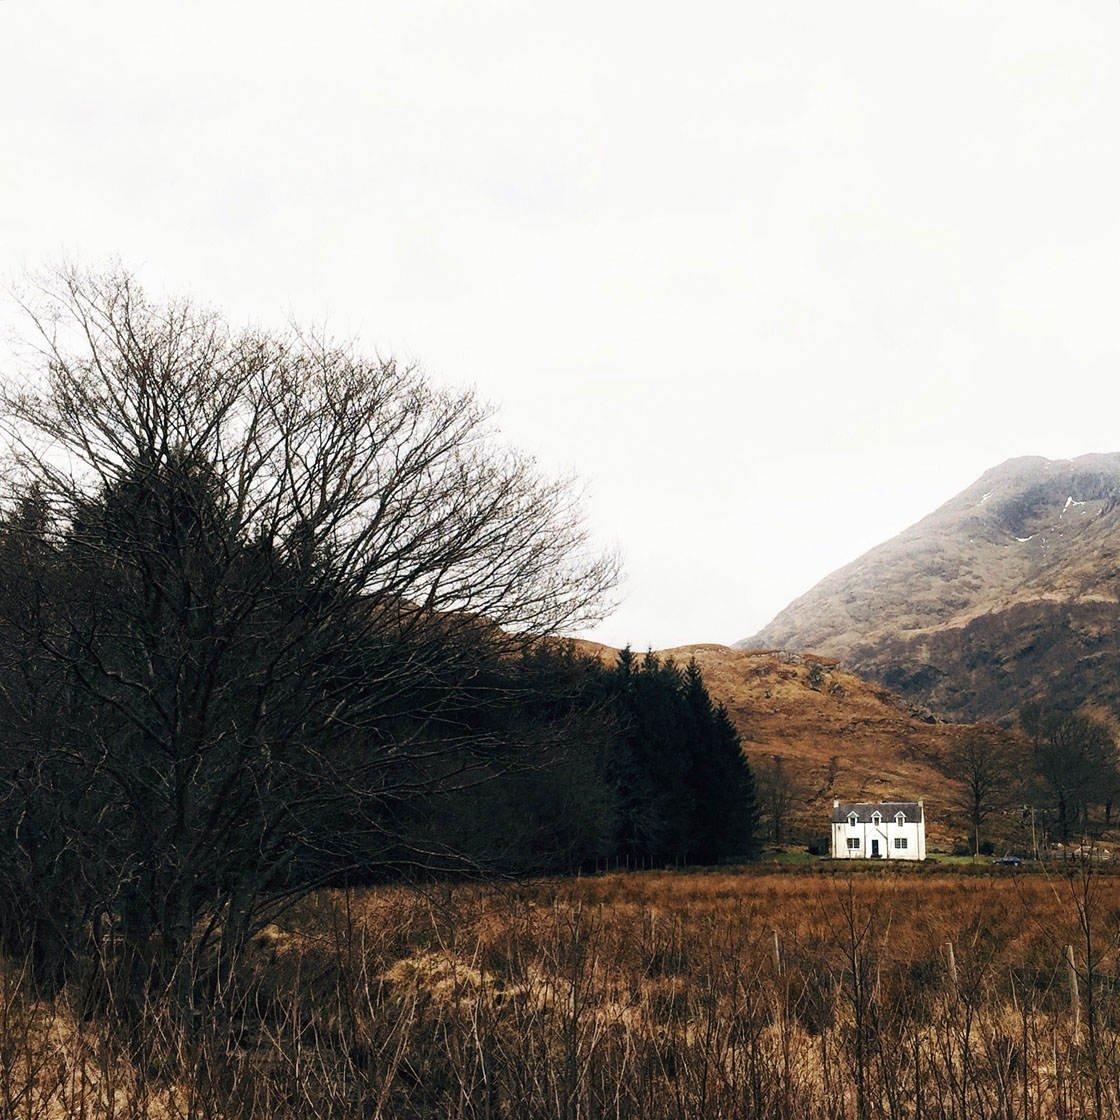 iPhone Landscape Photos With Buildings 11 no script